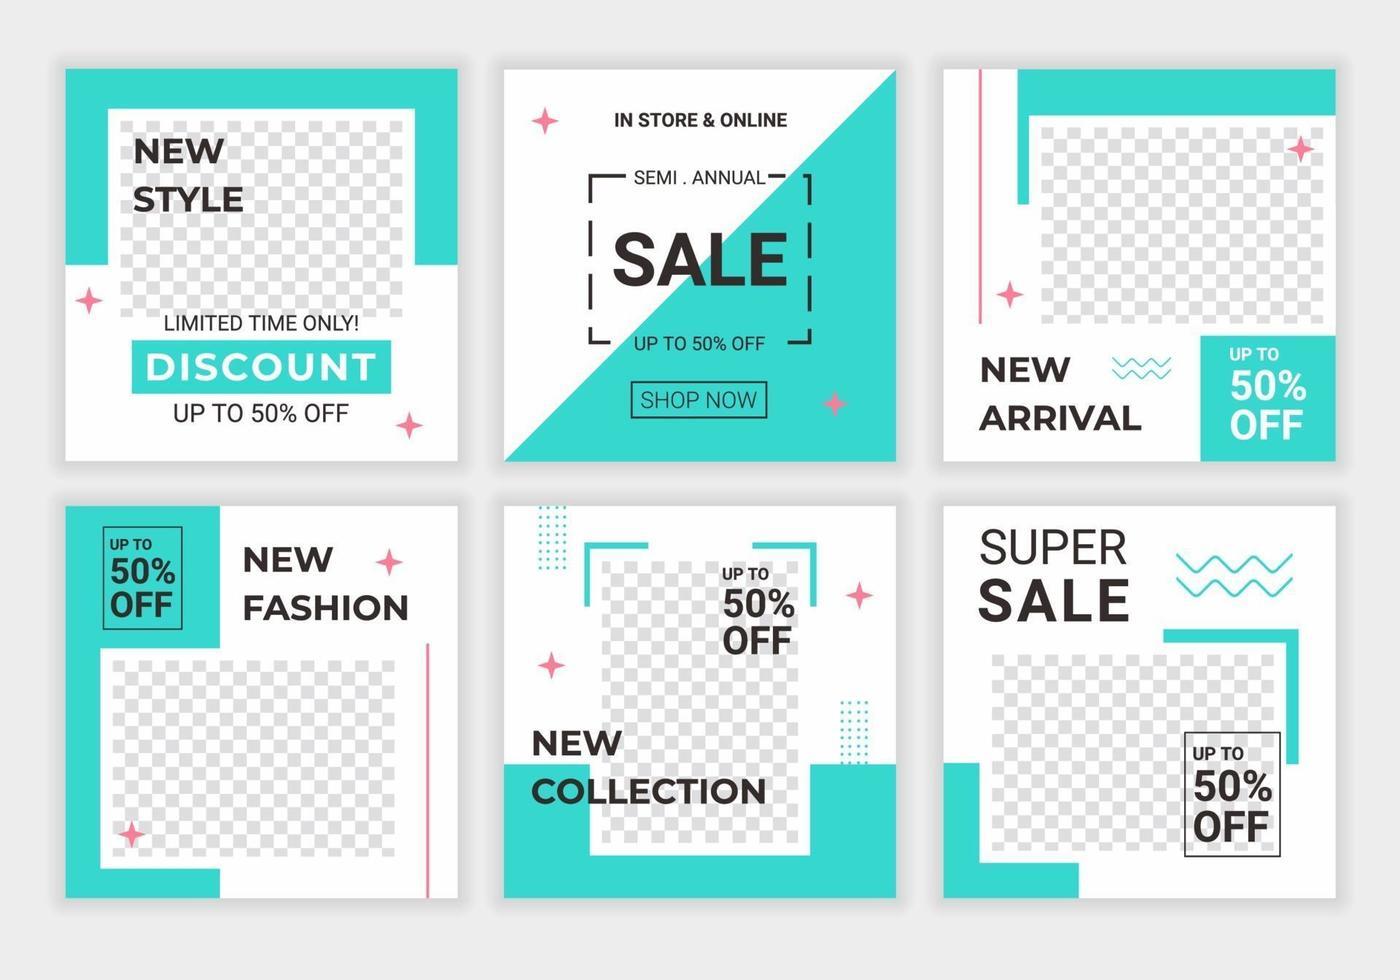 enkel kreativ färgglad social media postmall. minimalistiskt koncept för en bok, babybutik, mode, leksaker och mat. sociala medier matas med blå och vit färg. rabatt promo försäljning vektor